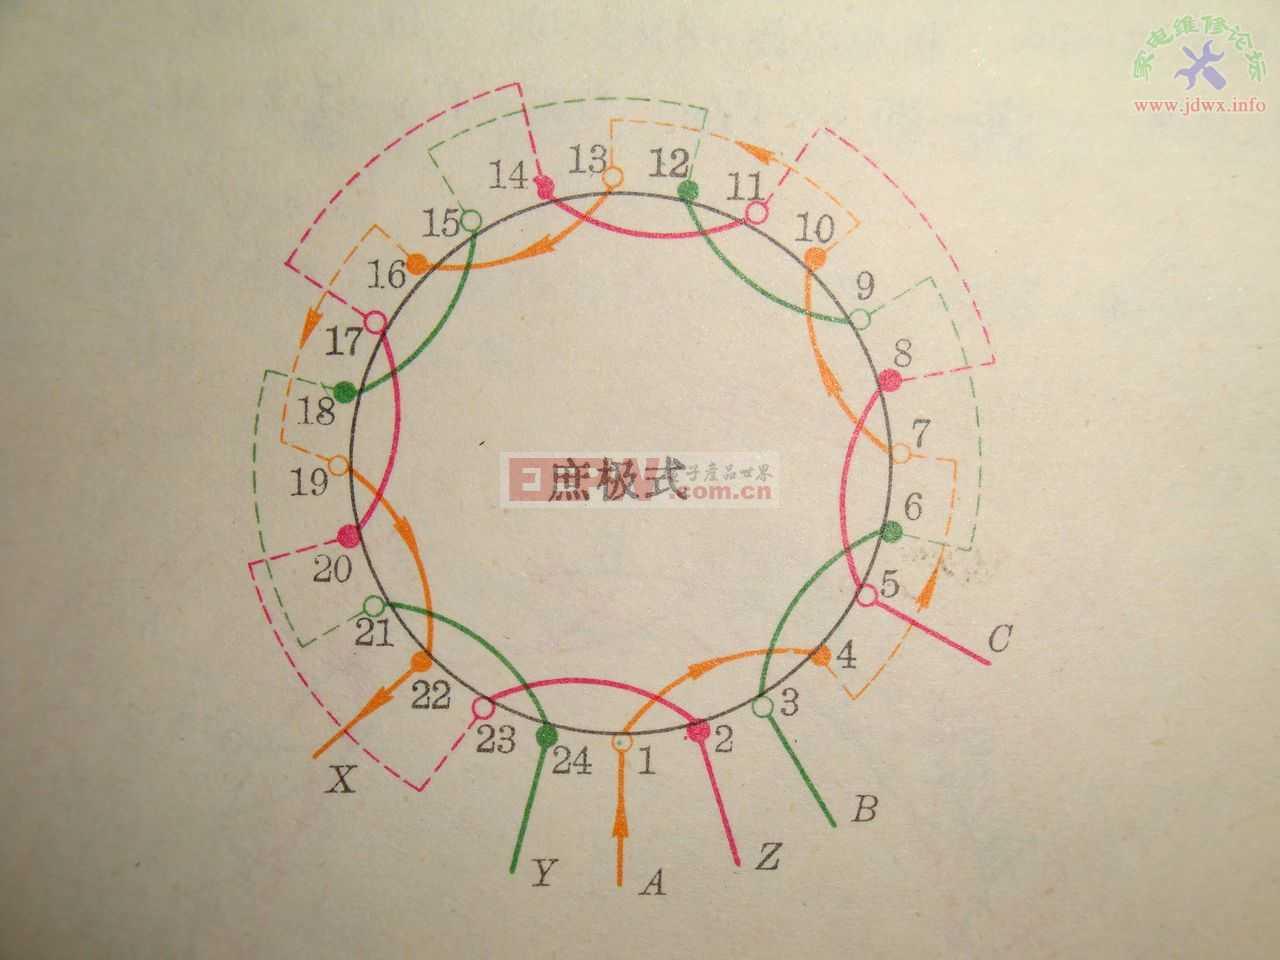 电路图符号大全 电路图讲解 电路图 电路图怎么看